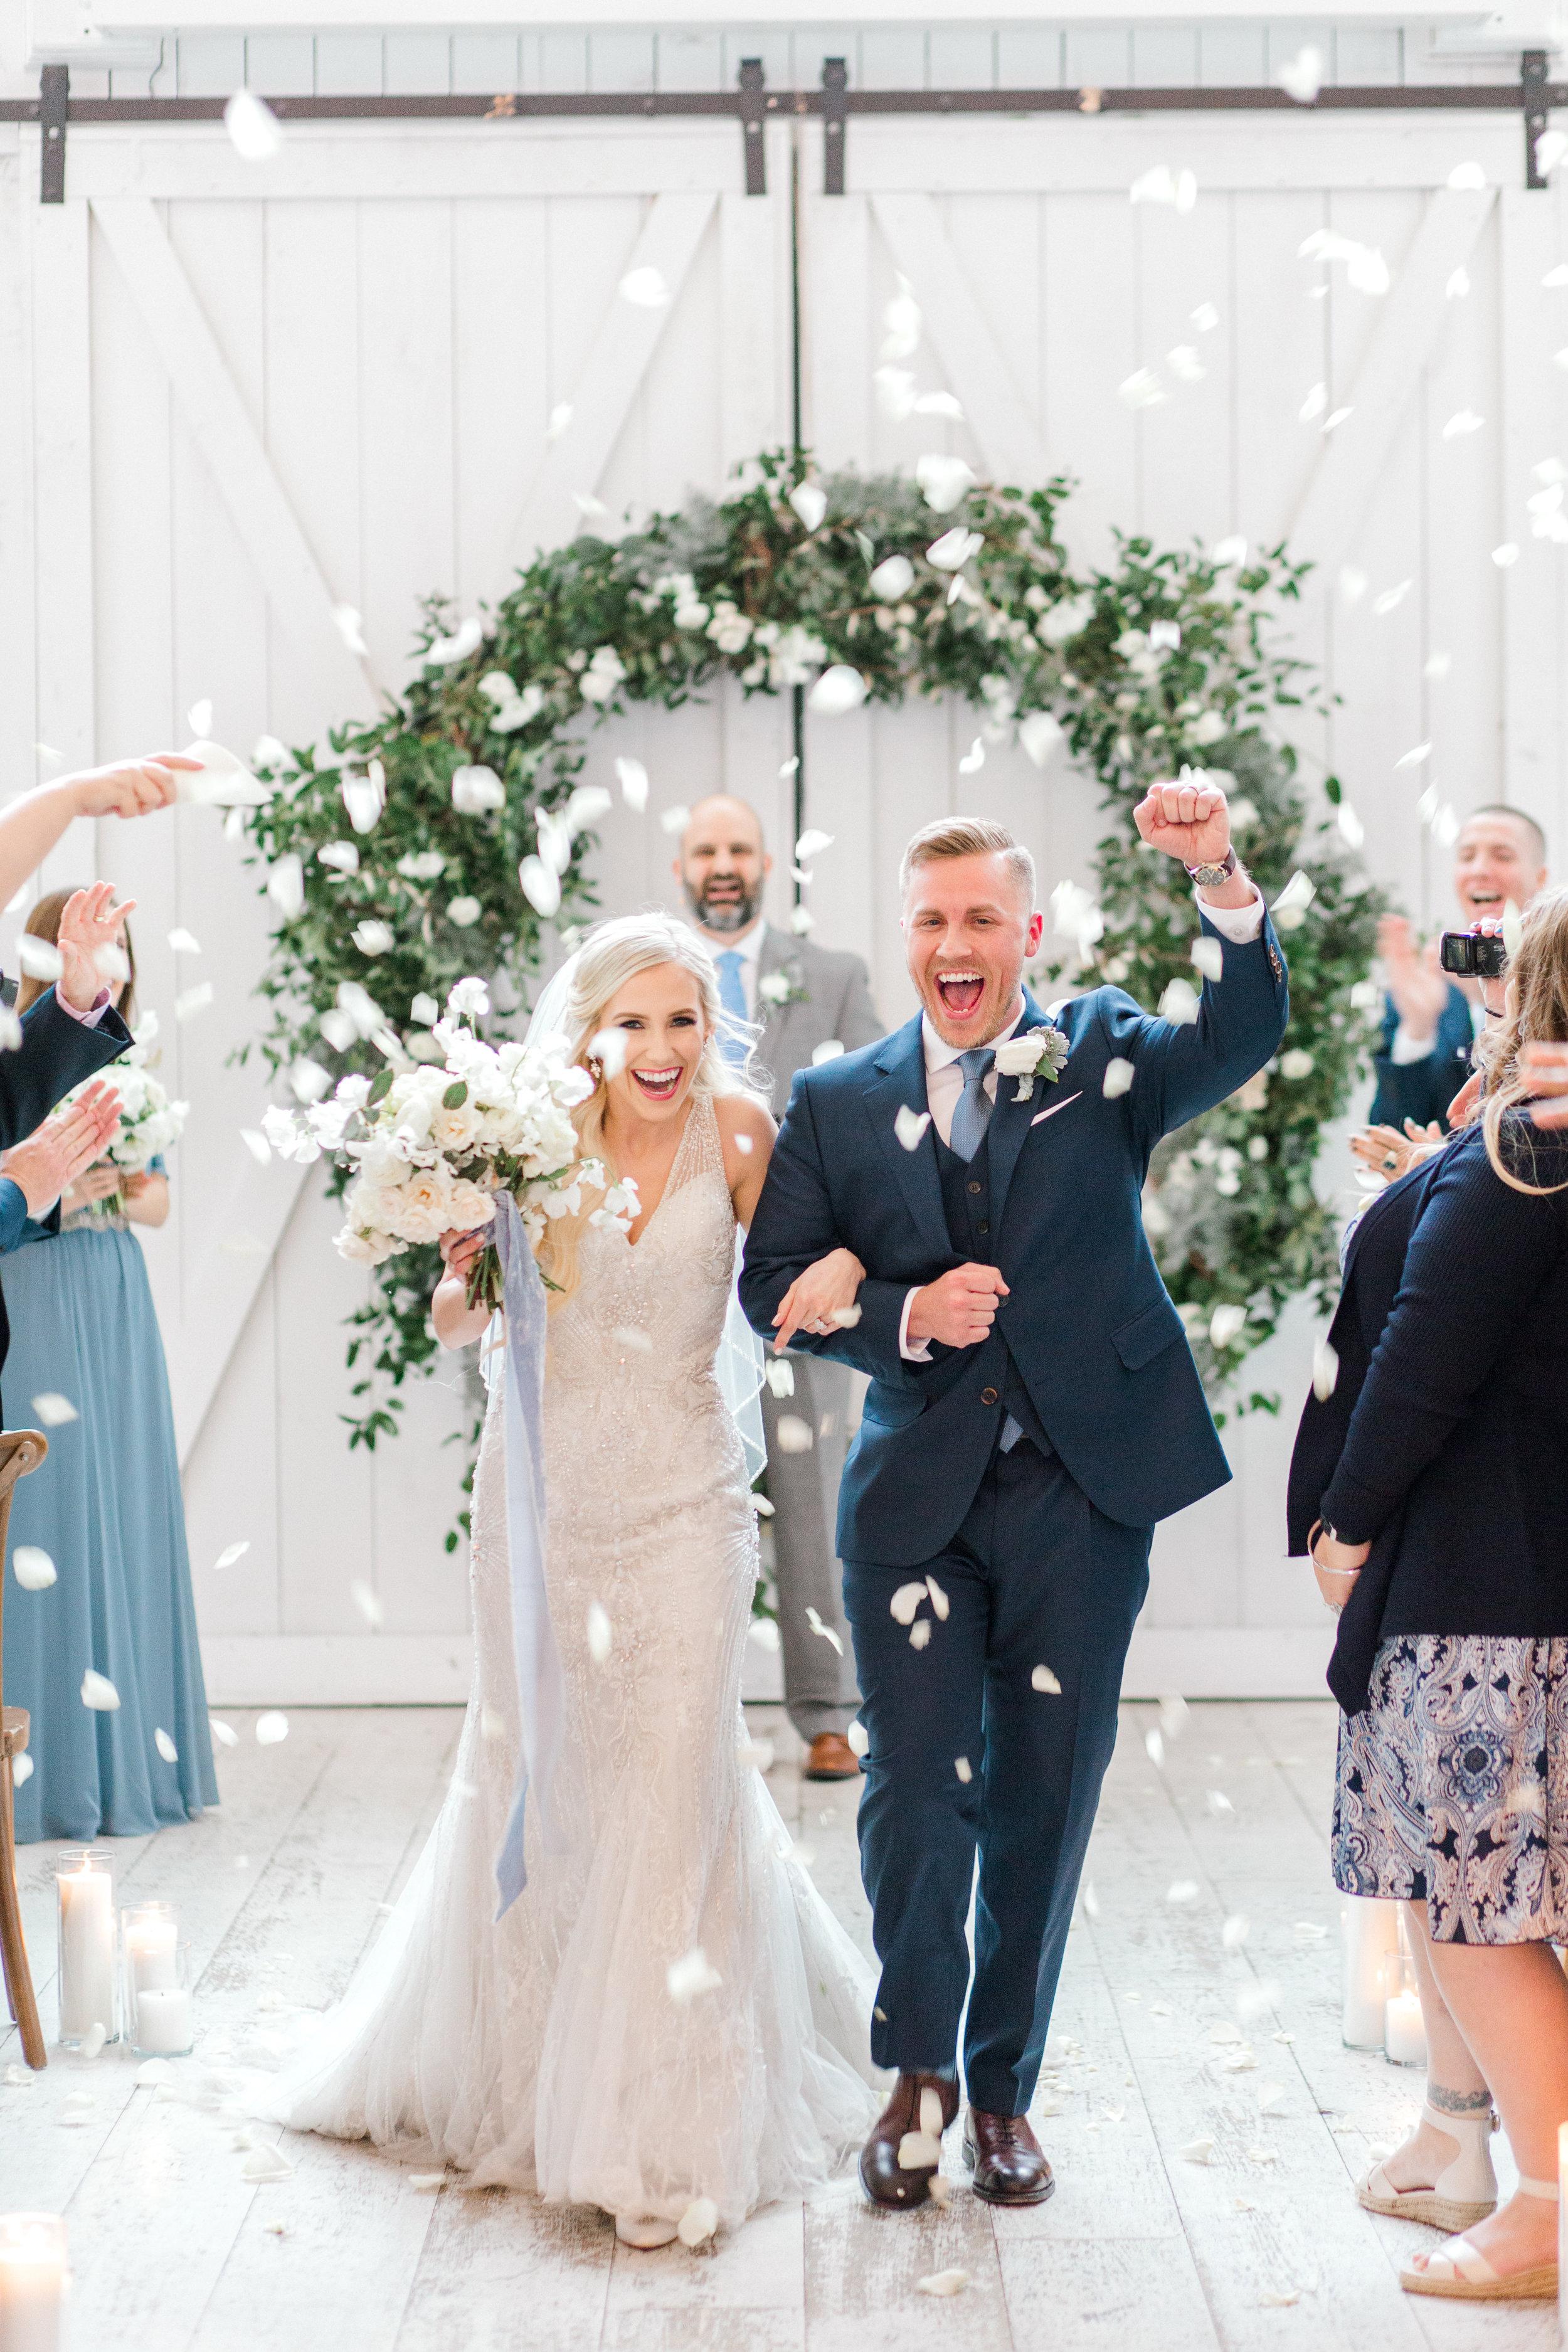 Chloe+Austin Wedding_421 copy.JPG